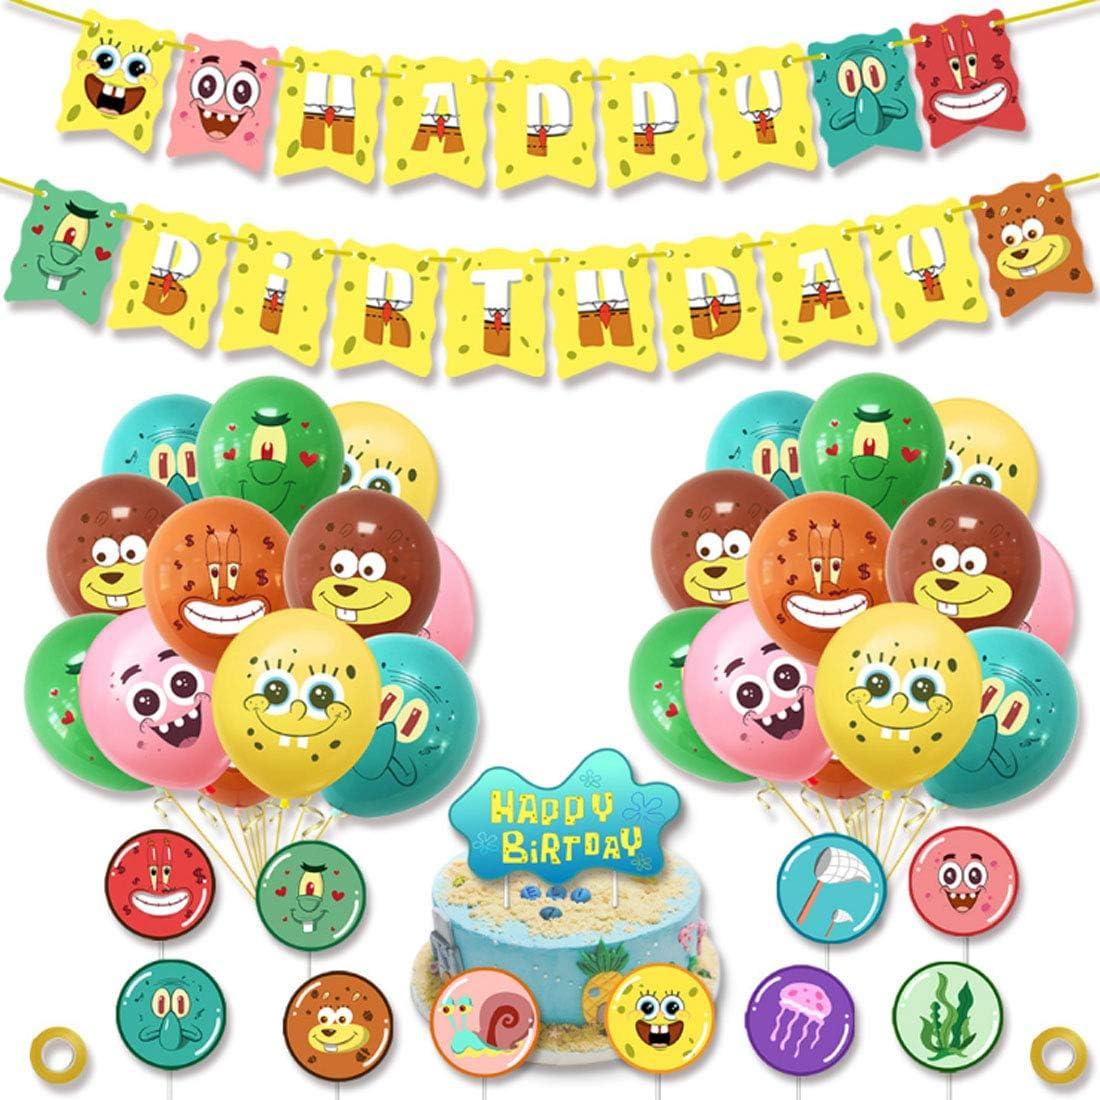 Kit Globos Látex -ZSWQ 38PiezasDecoración Fiesta de Globos, SpongeBob Banner Globos Kit Happy Birthday Adorno de Torta para SpongeBob Decoración para Fiestas de Cumpleaños